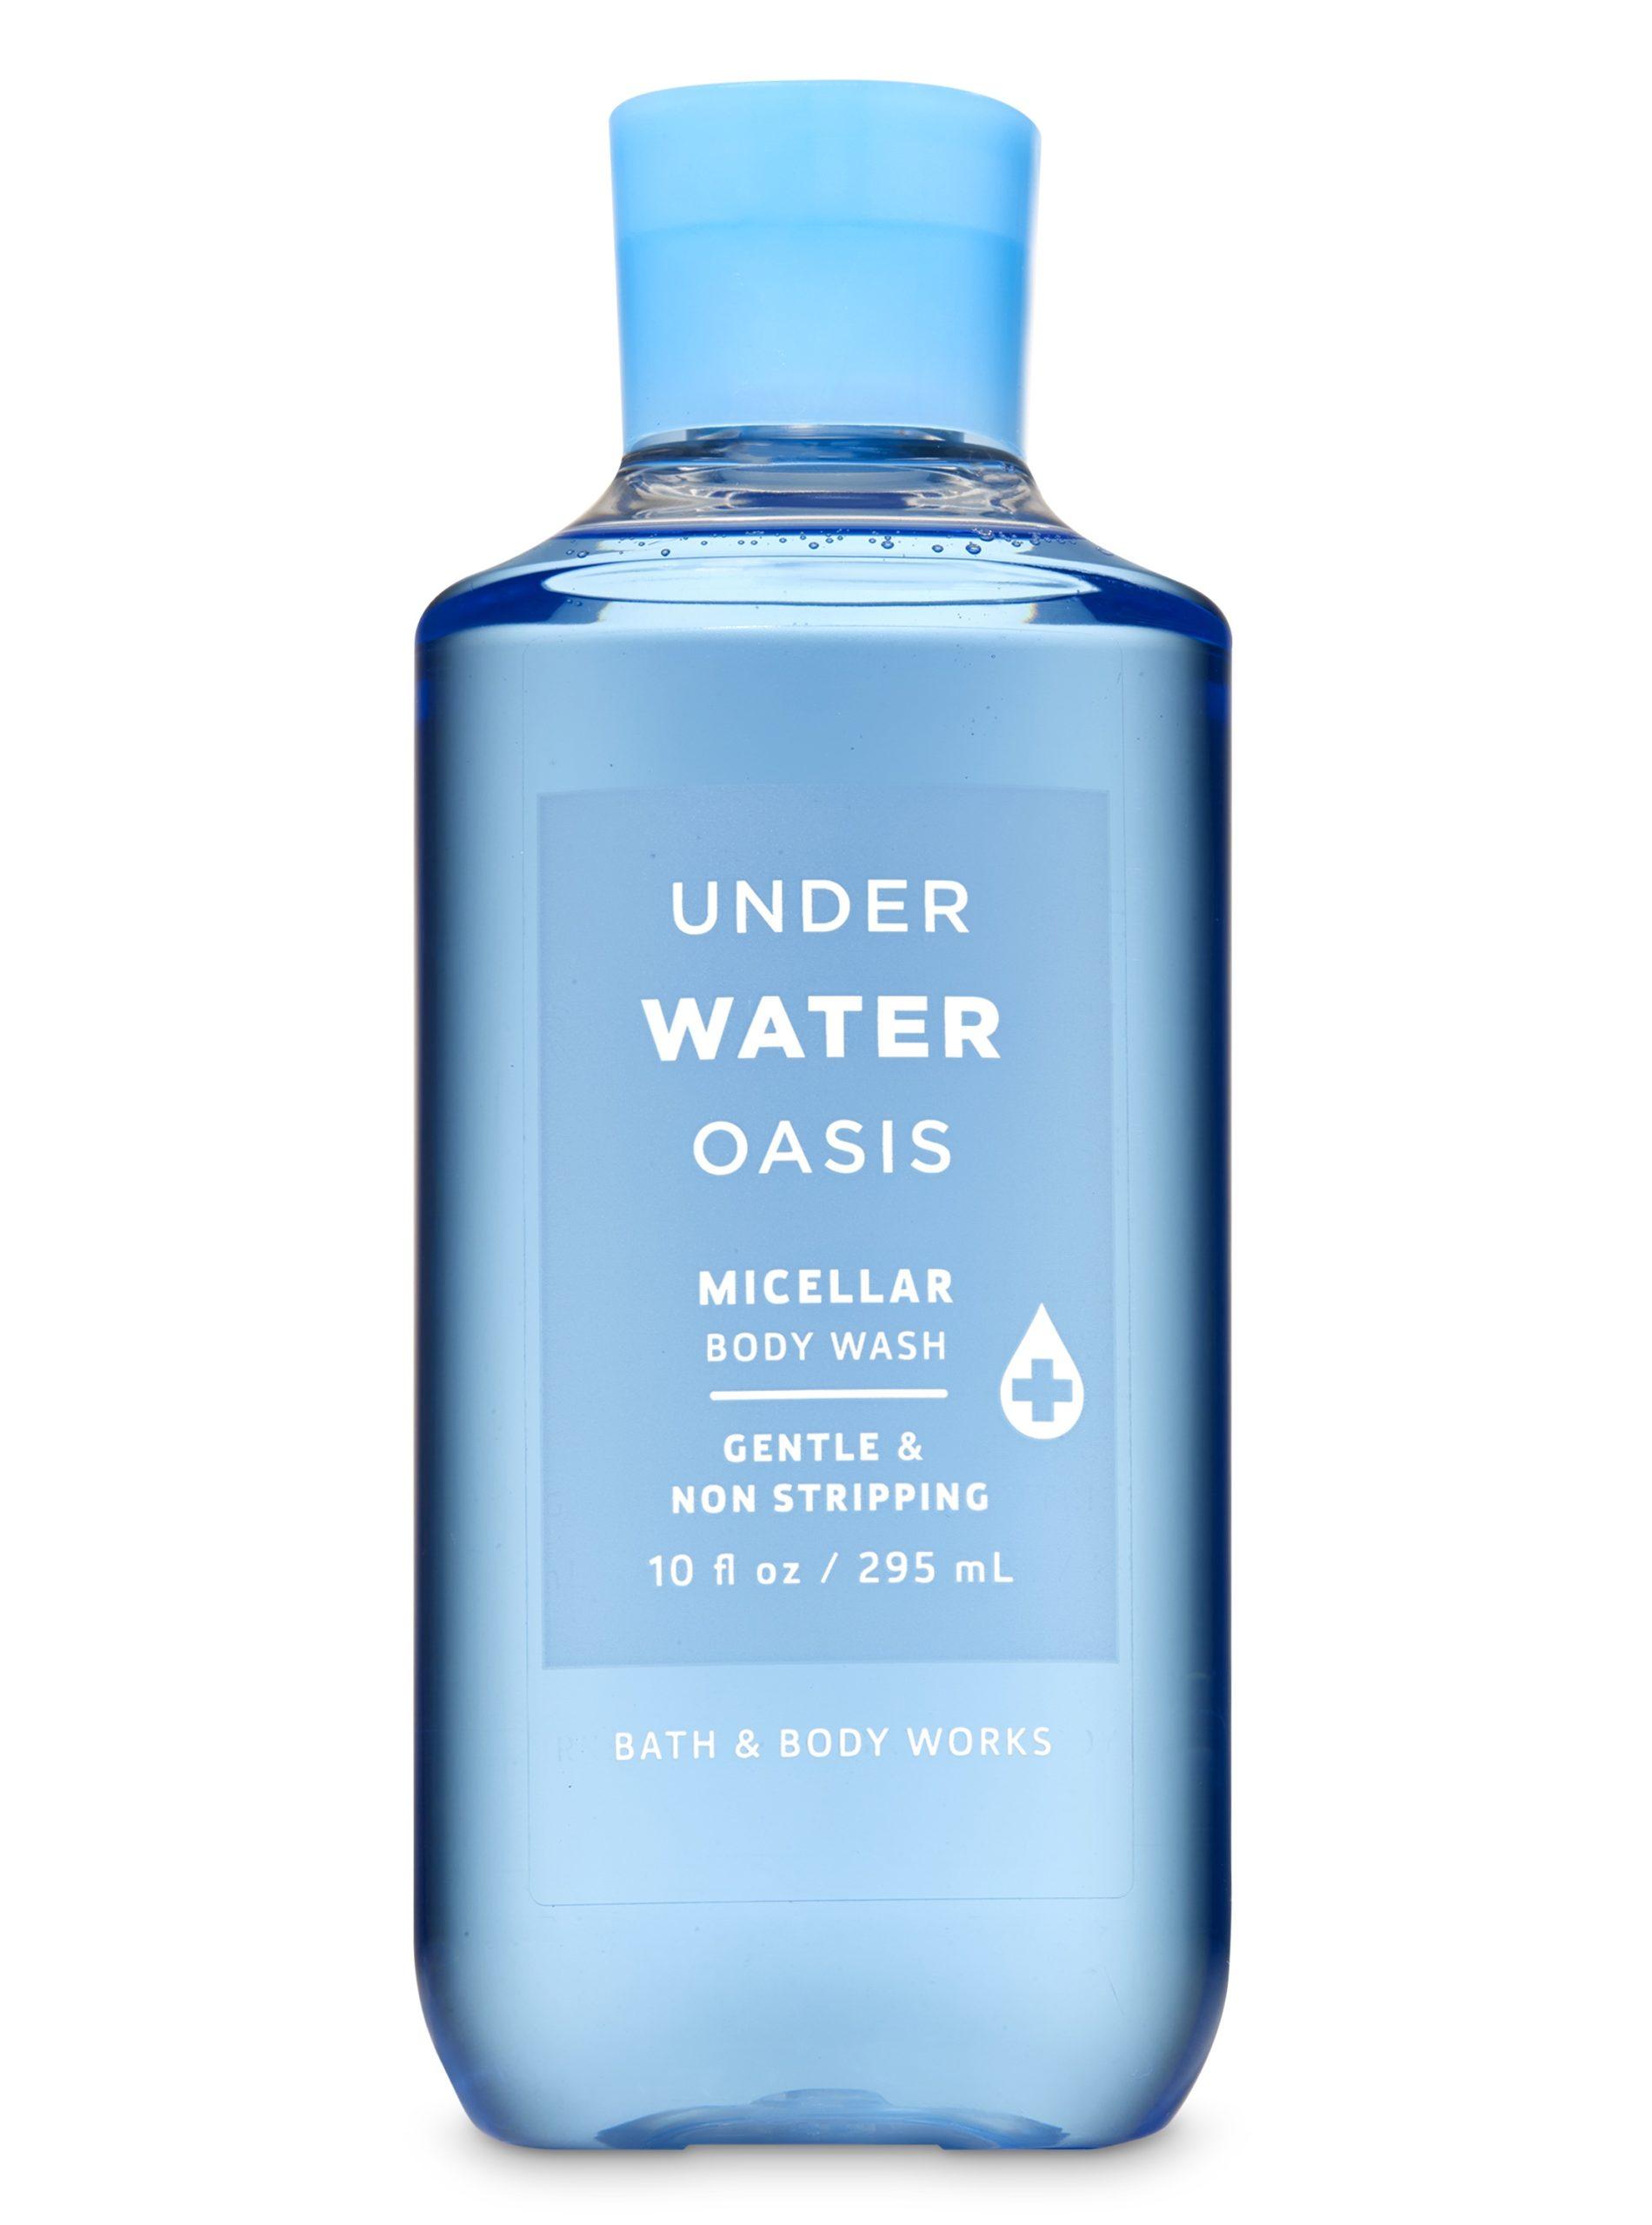 Agua Micelar: El secreto para limpiar, refrescar y humectar la piel